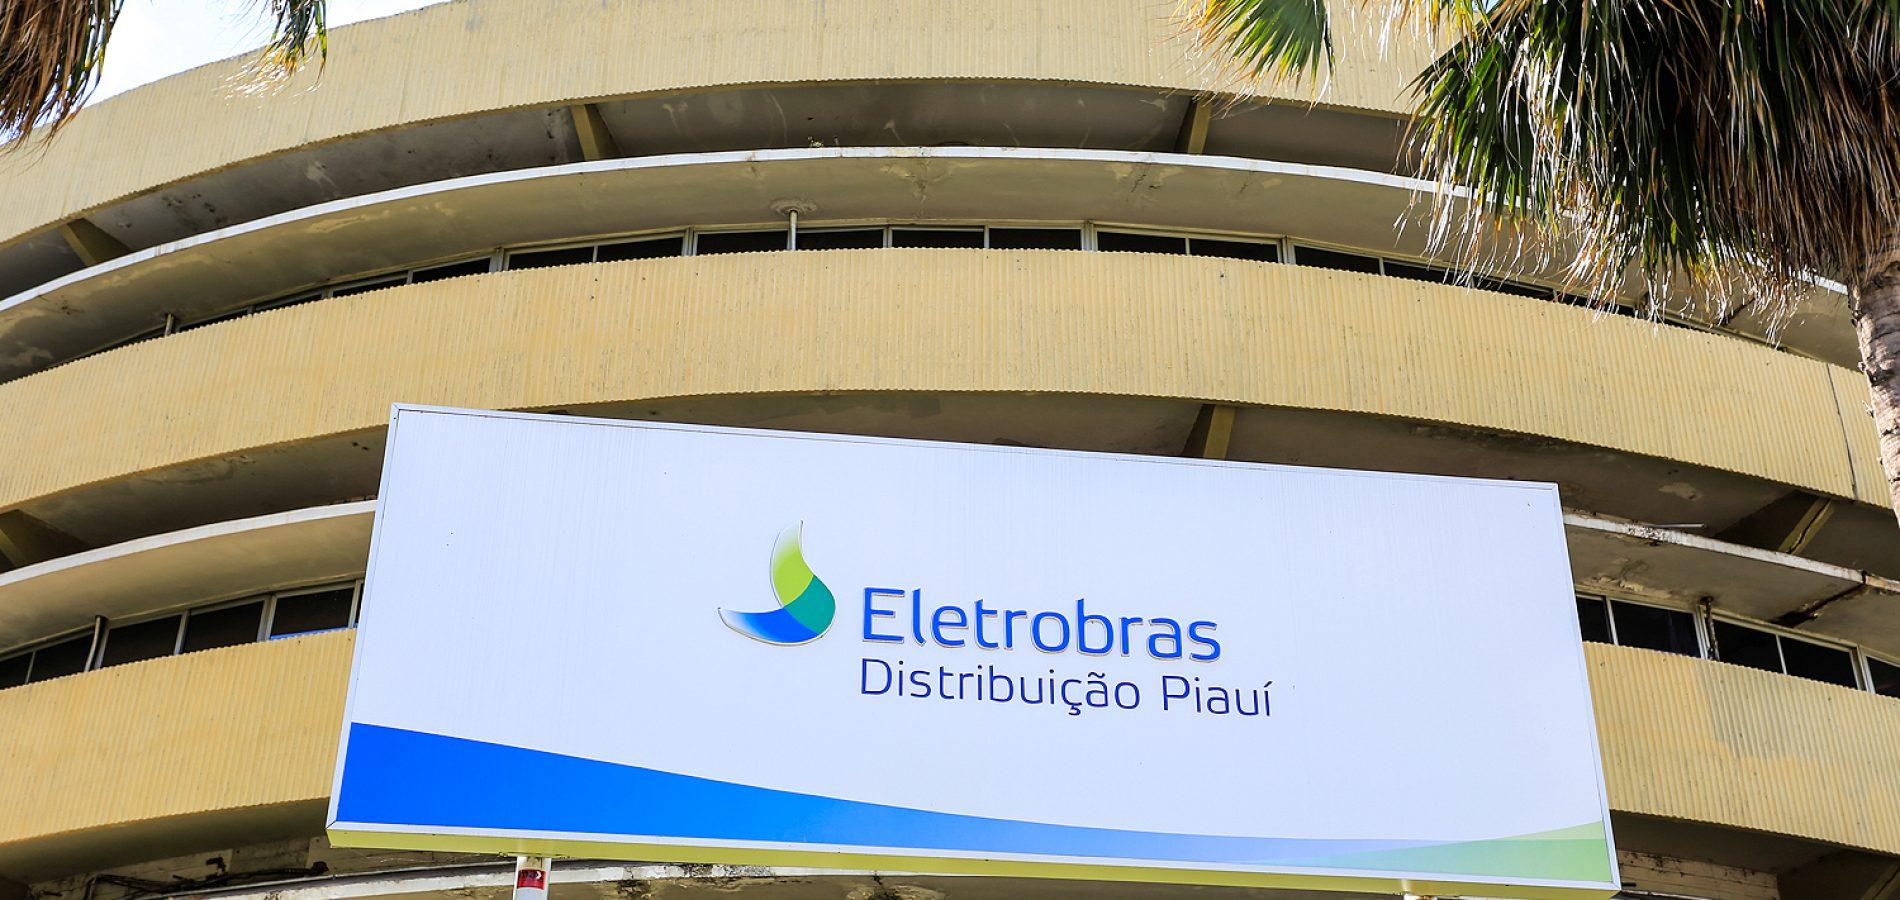 Aneel diz que Eletrobras do Piauí descumpre parâmetros de qualidade